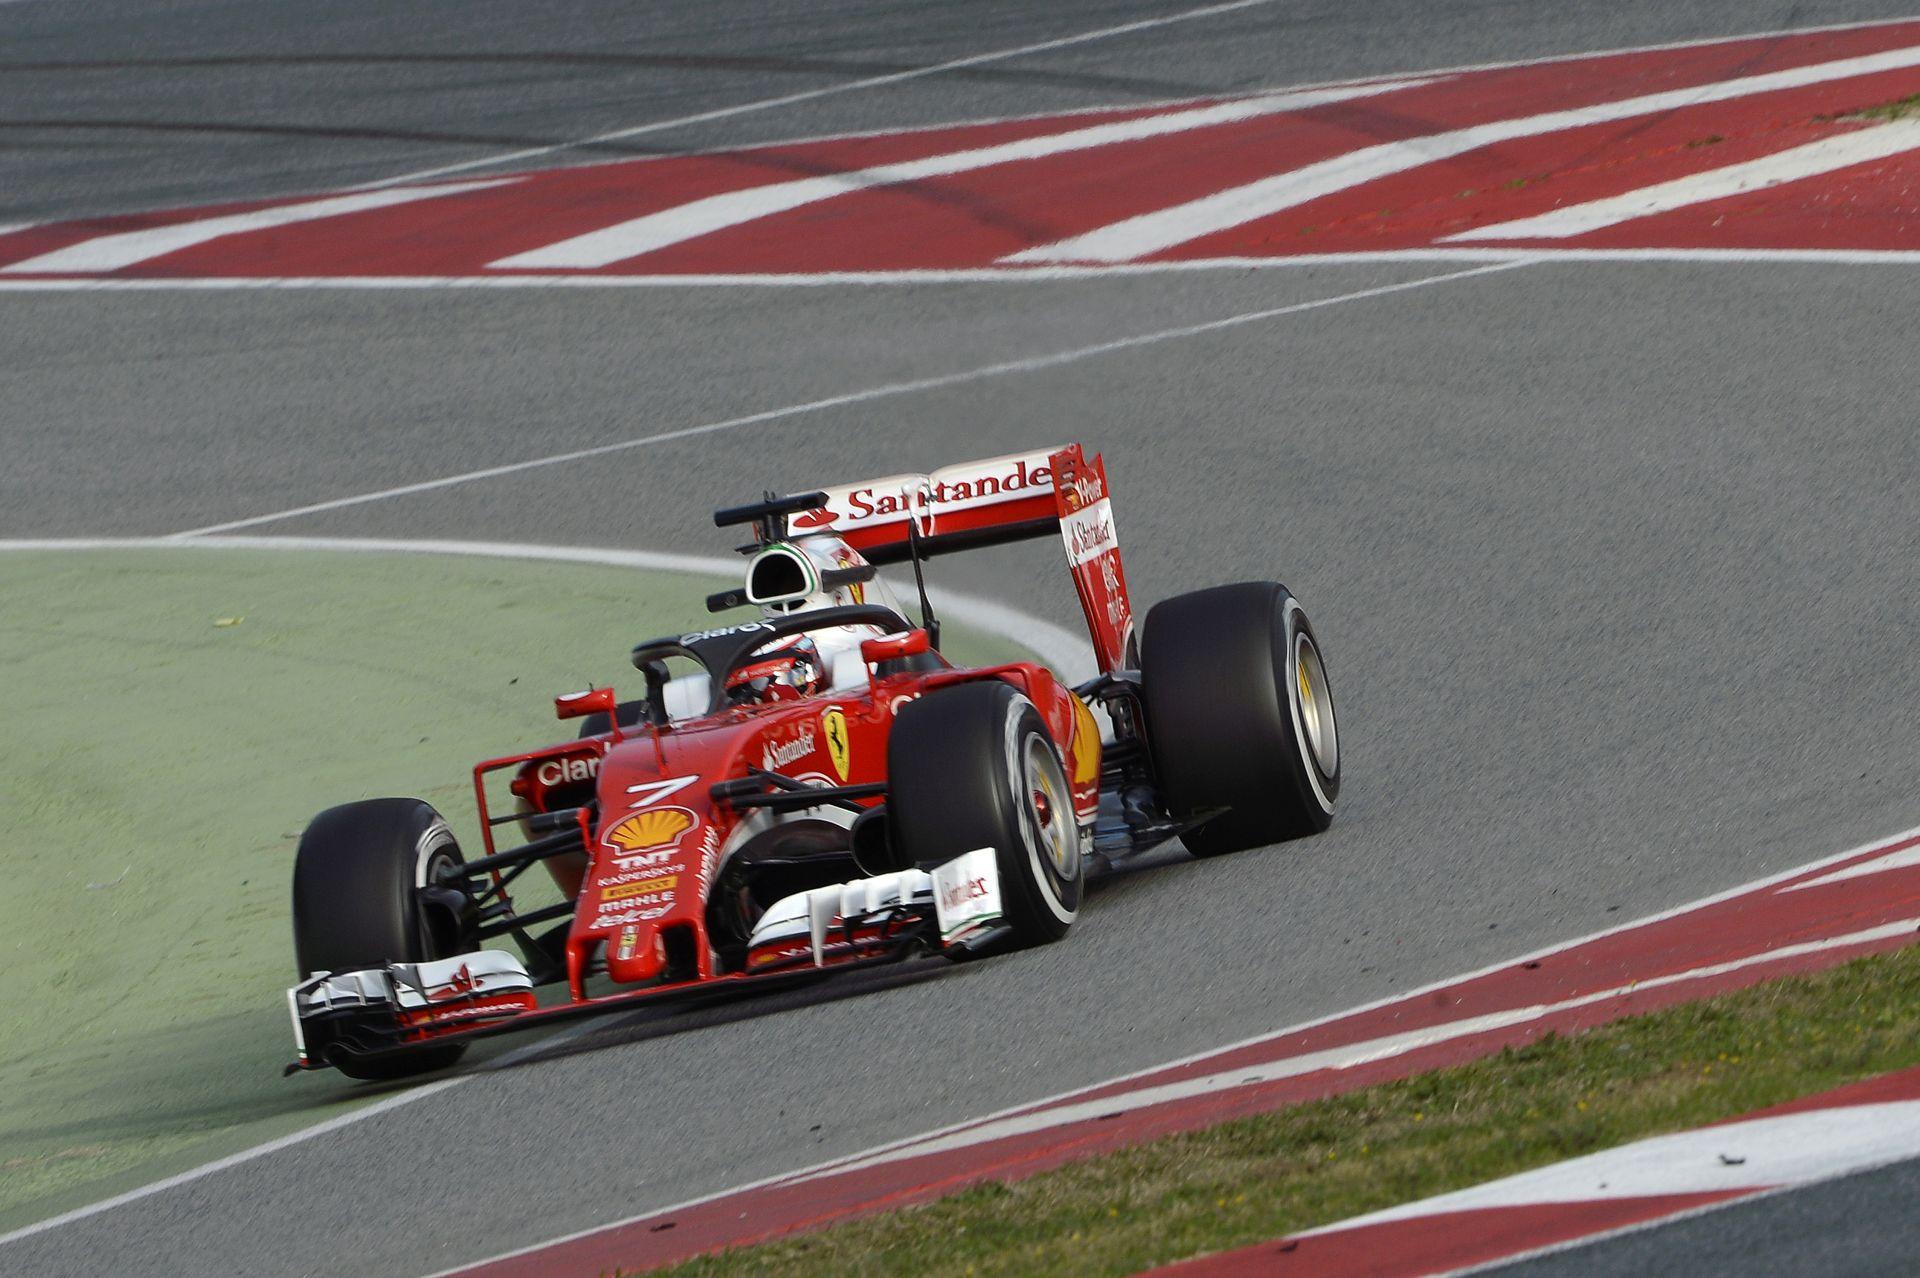 Biztos tetszett Räikkönennek a halo: rázta a fejét és integetett a visszaérkezéskor